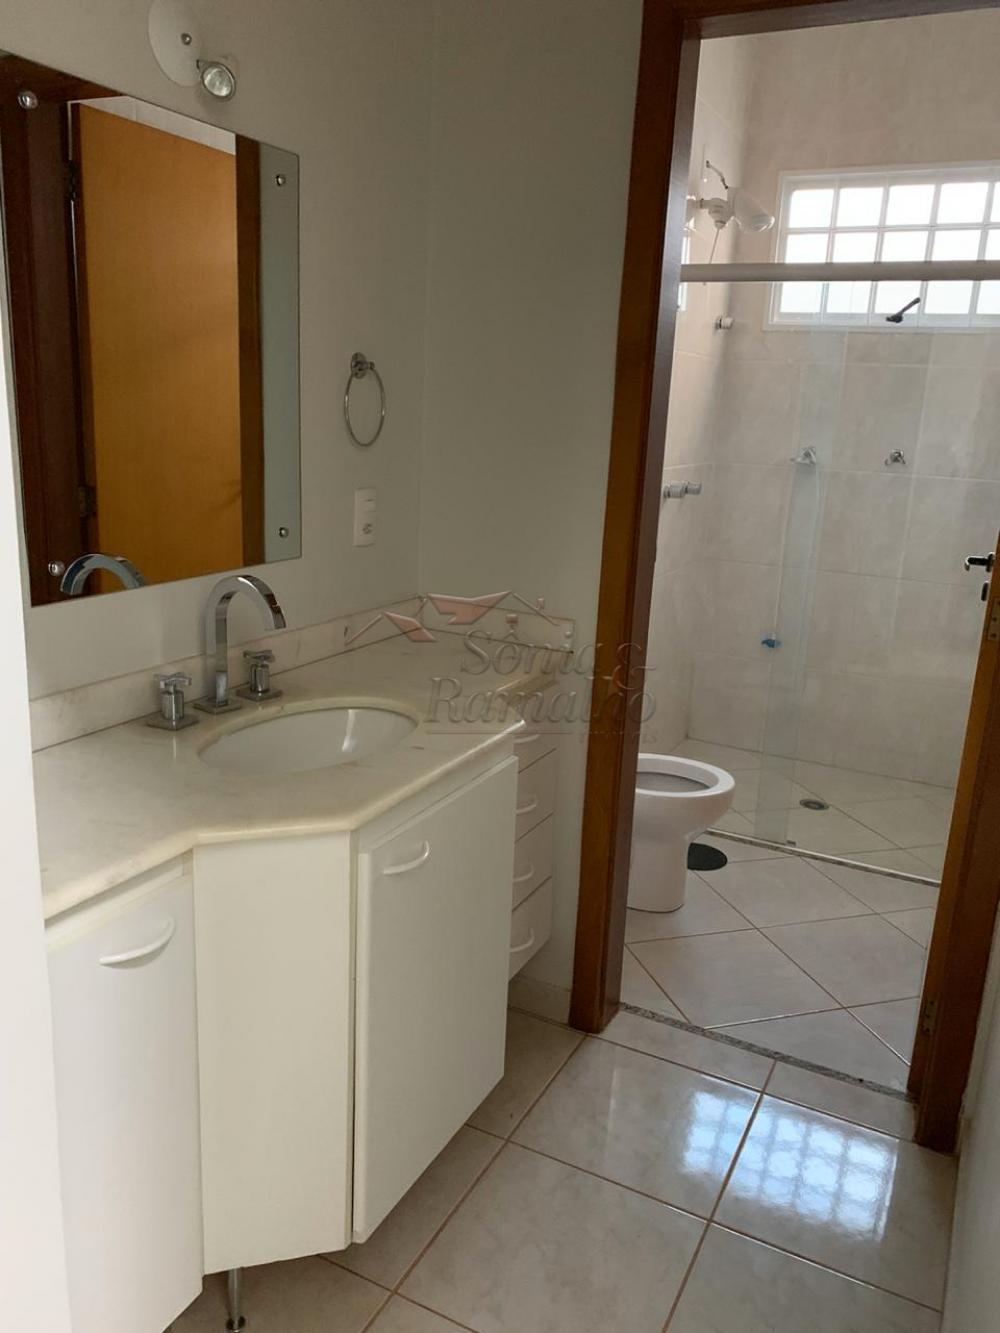 Alugar Casas / Padrão em Ribeirão Preto apenas R$ 3.600,00 - Foto 16